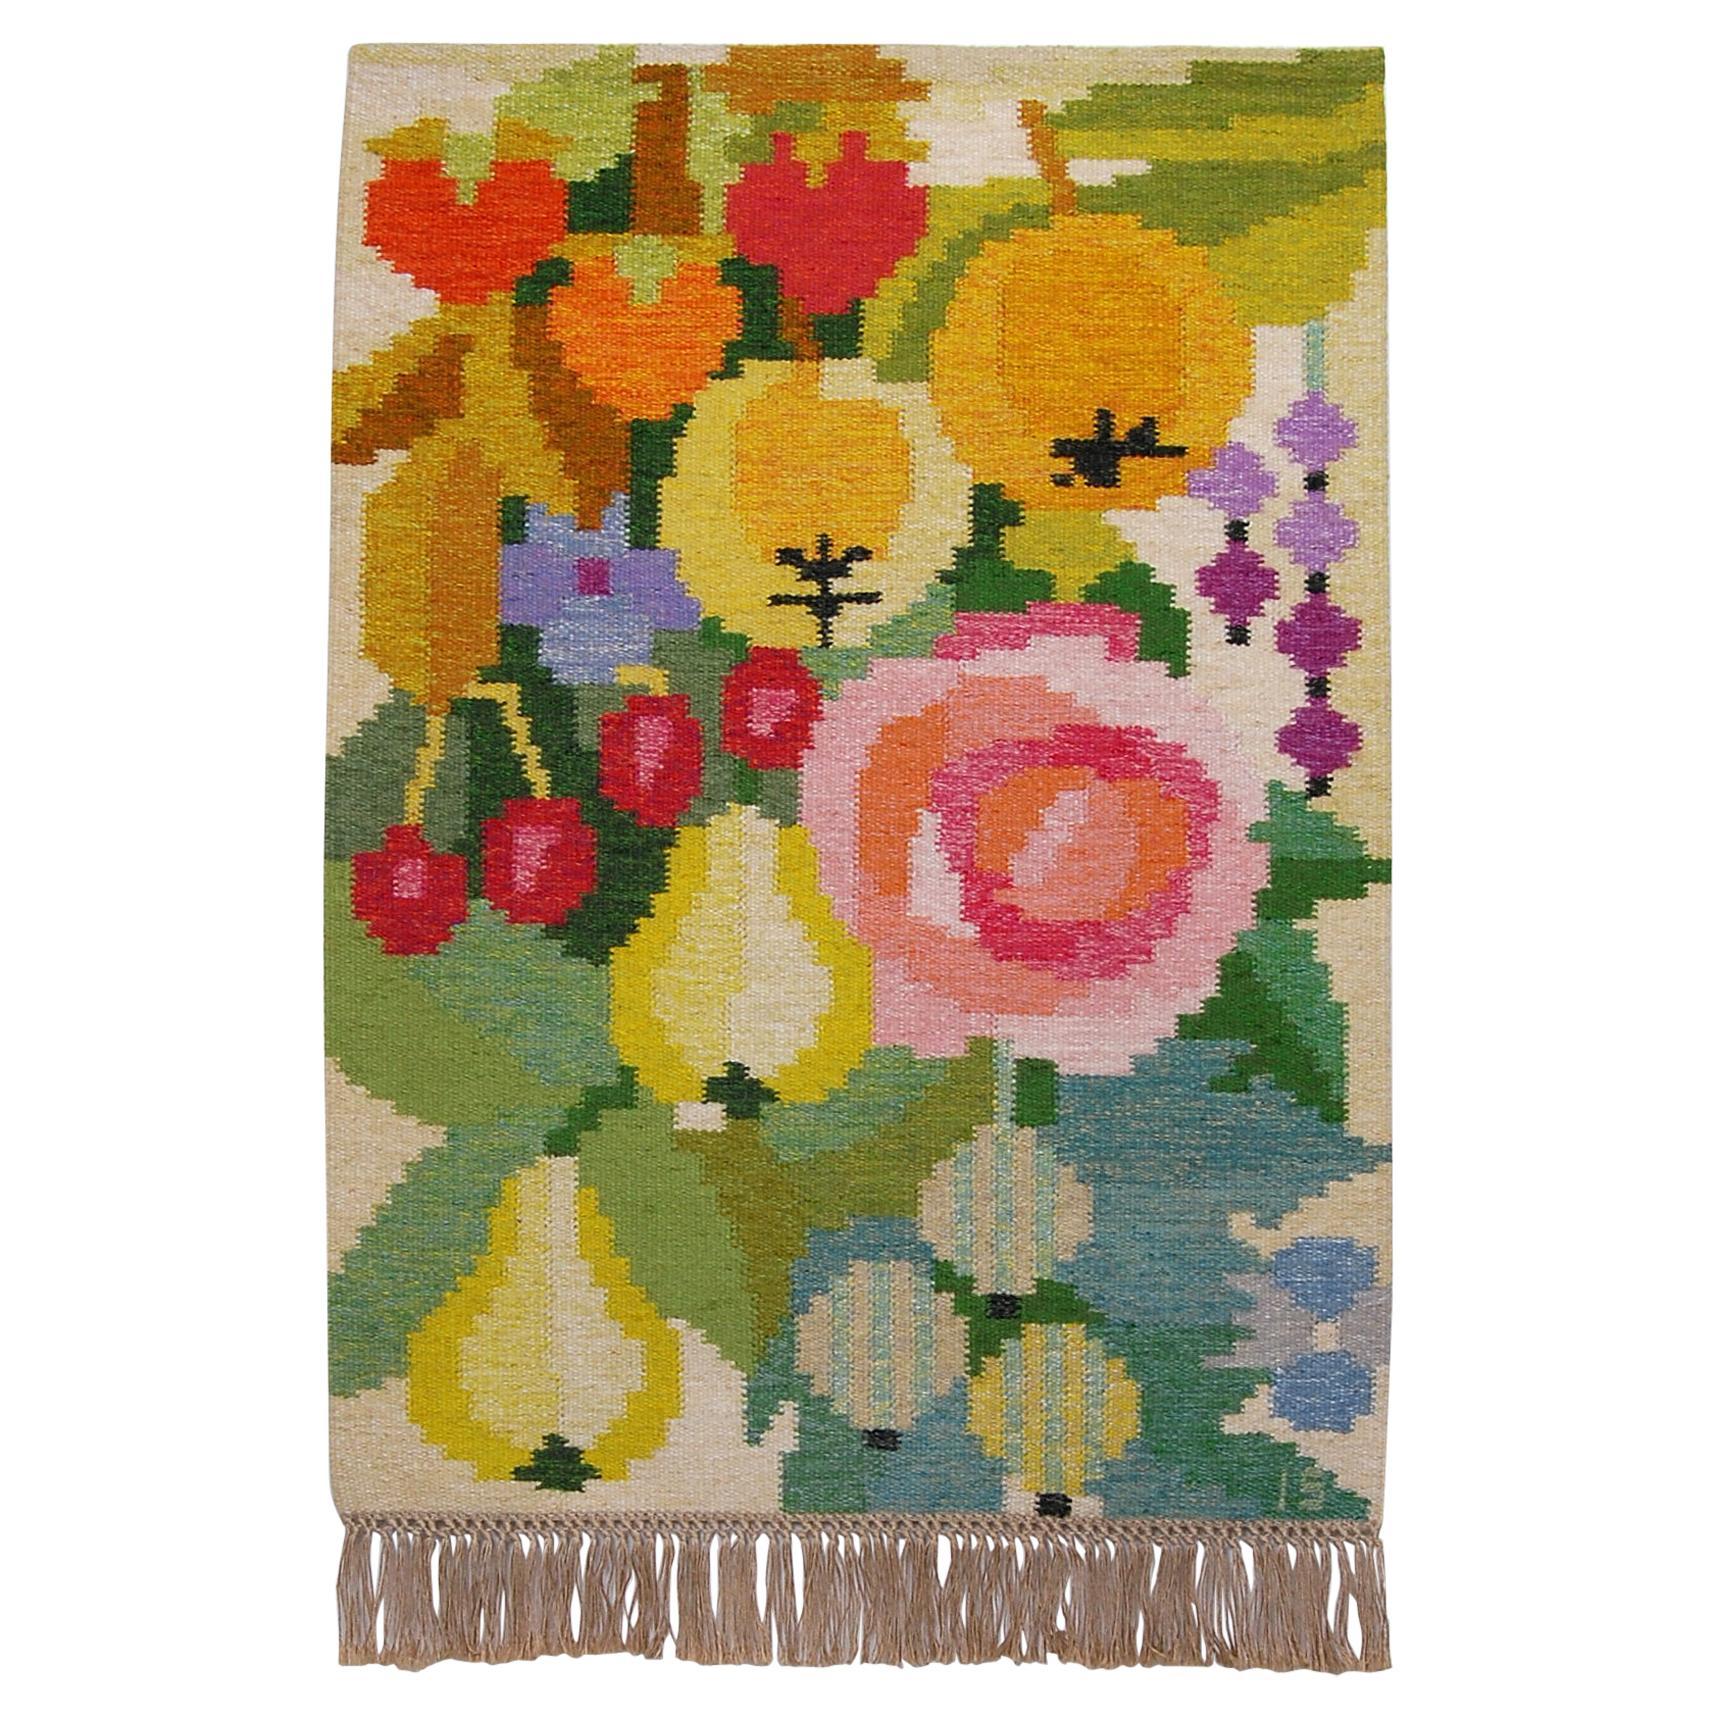 Flat-Weave Rölakan Tapestry by Ingegerd Silow, Sweden